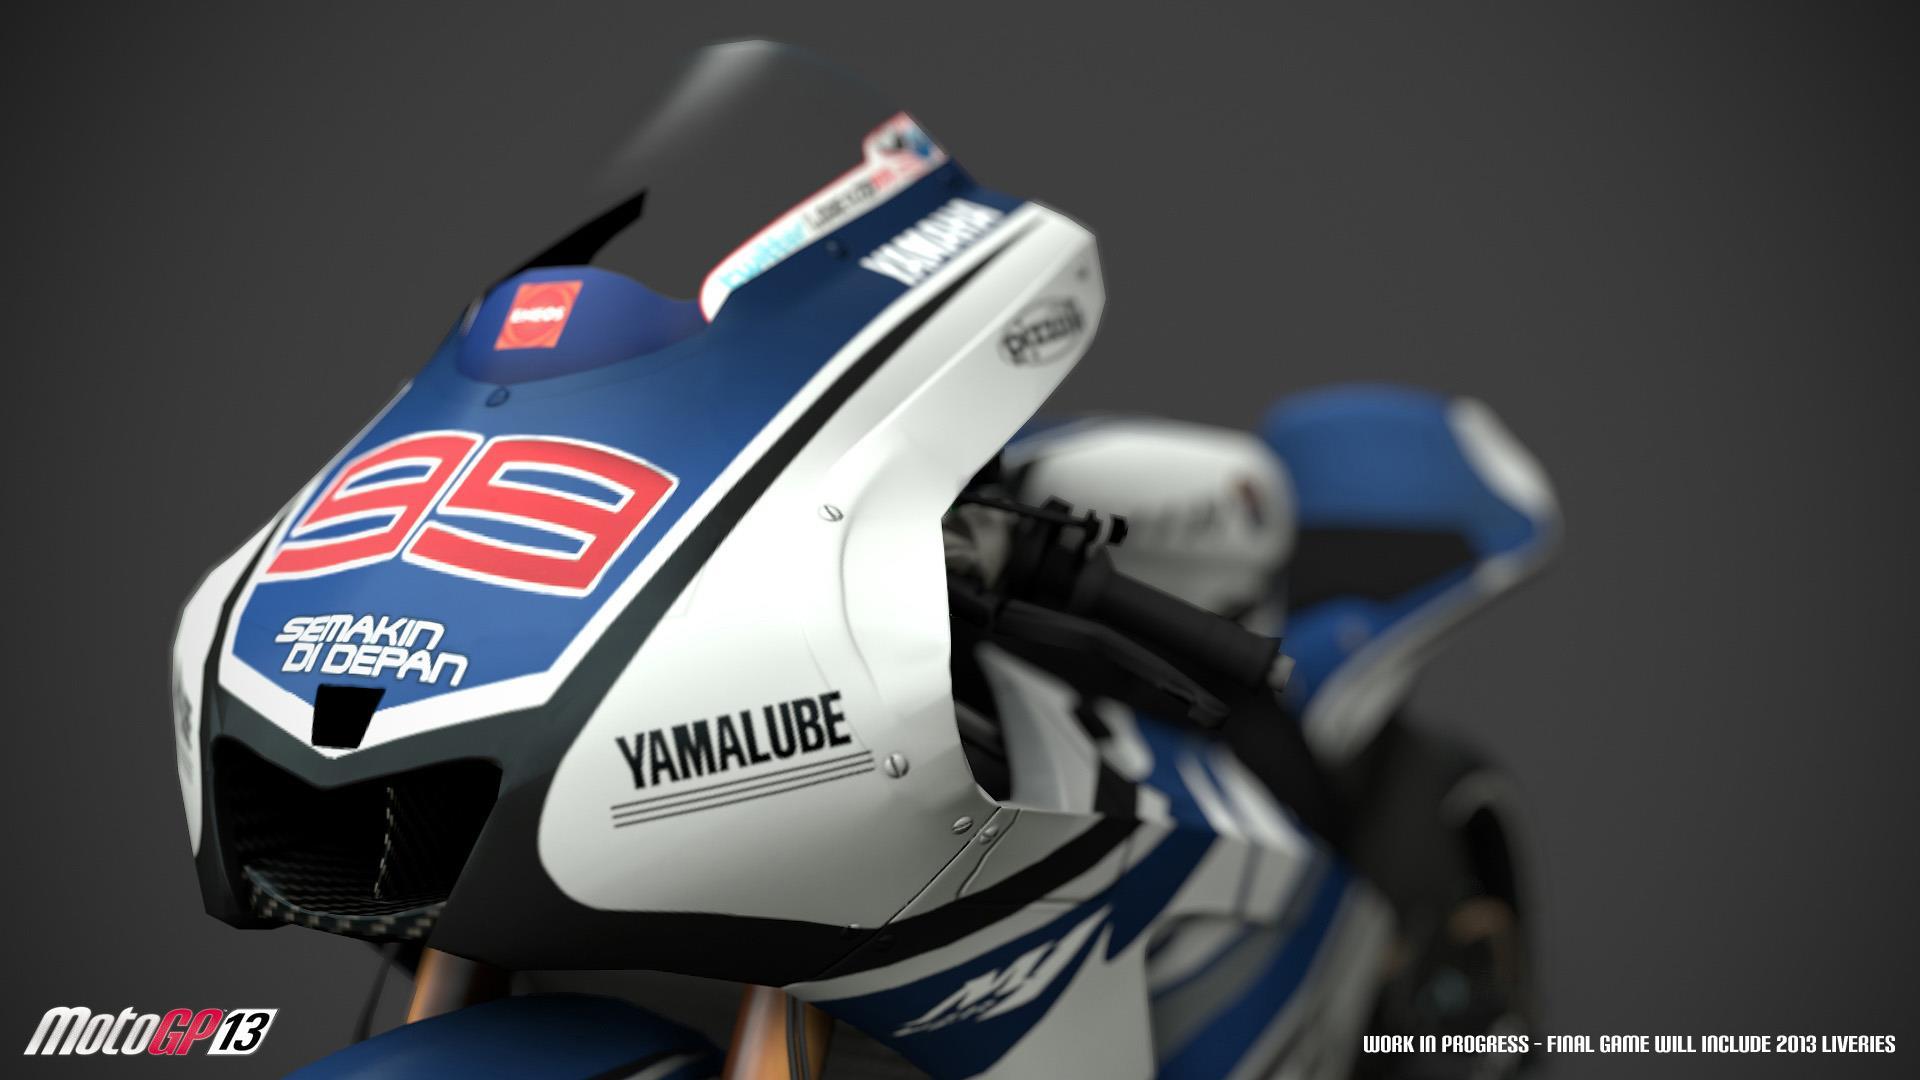 Milestone showcase detailed Yamaha bike models for MotoGP '13